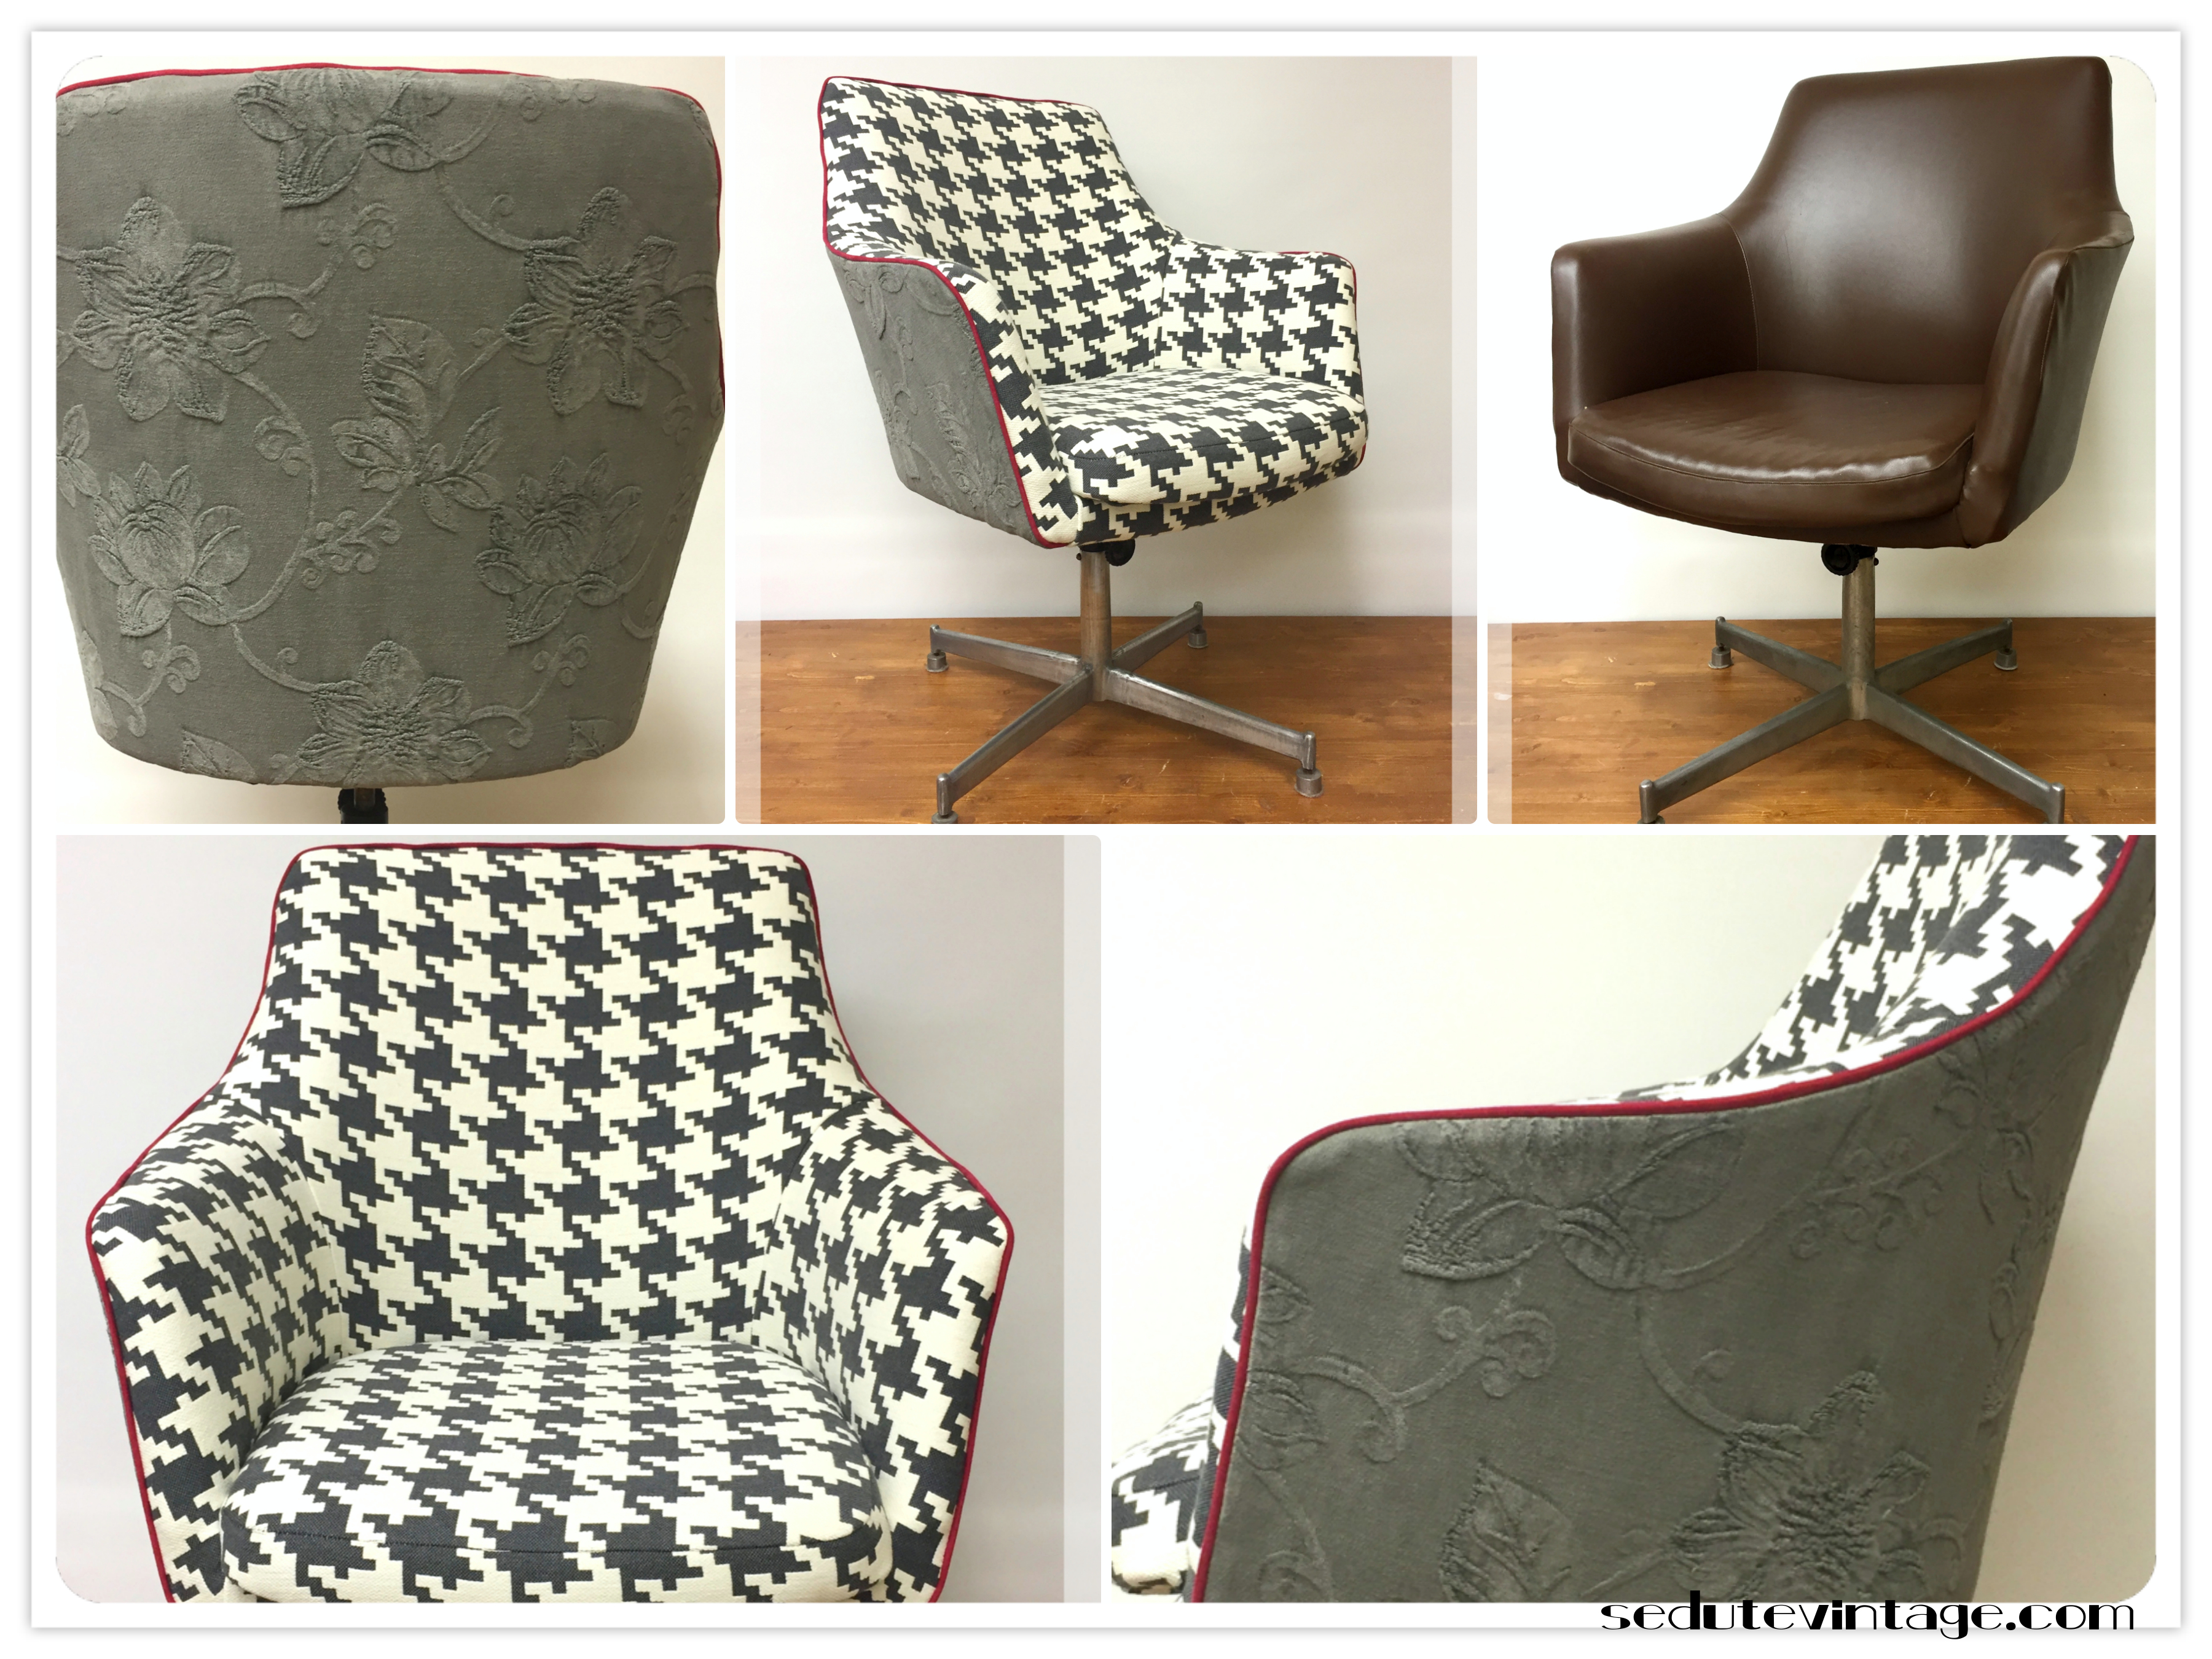 Poltroncine Small Armchairs Sedute Vintage